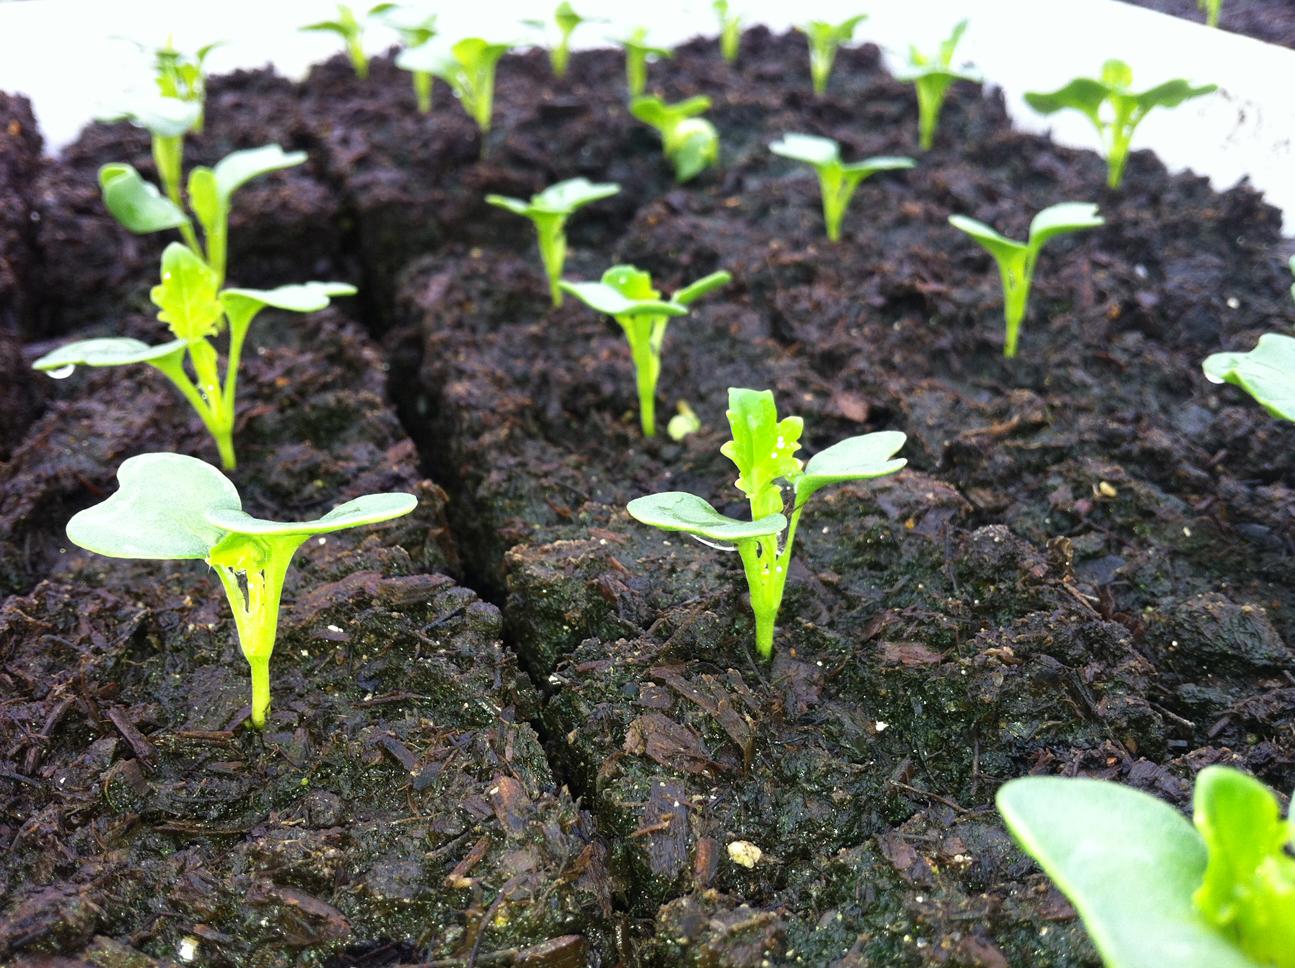 Seedlings-of-Fiddlehead-fern